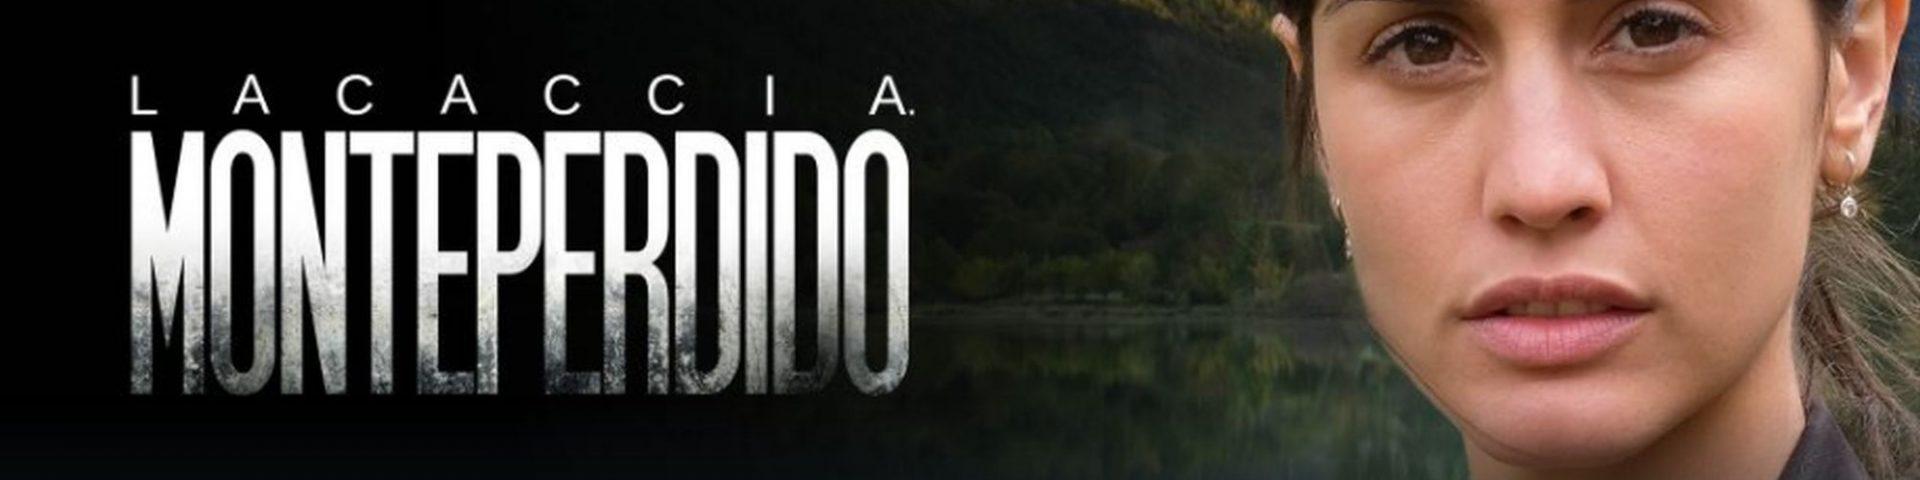 La caccia – Monteperdido del 24 novembre on demand, rivedi in streaming